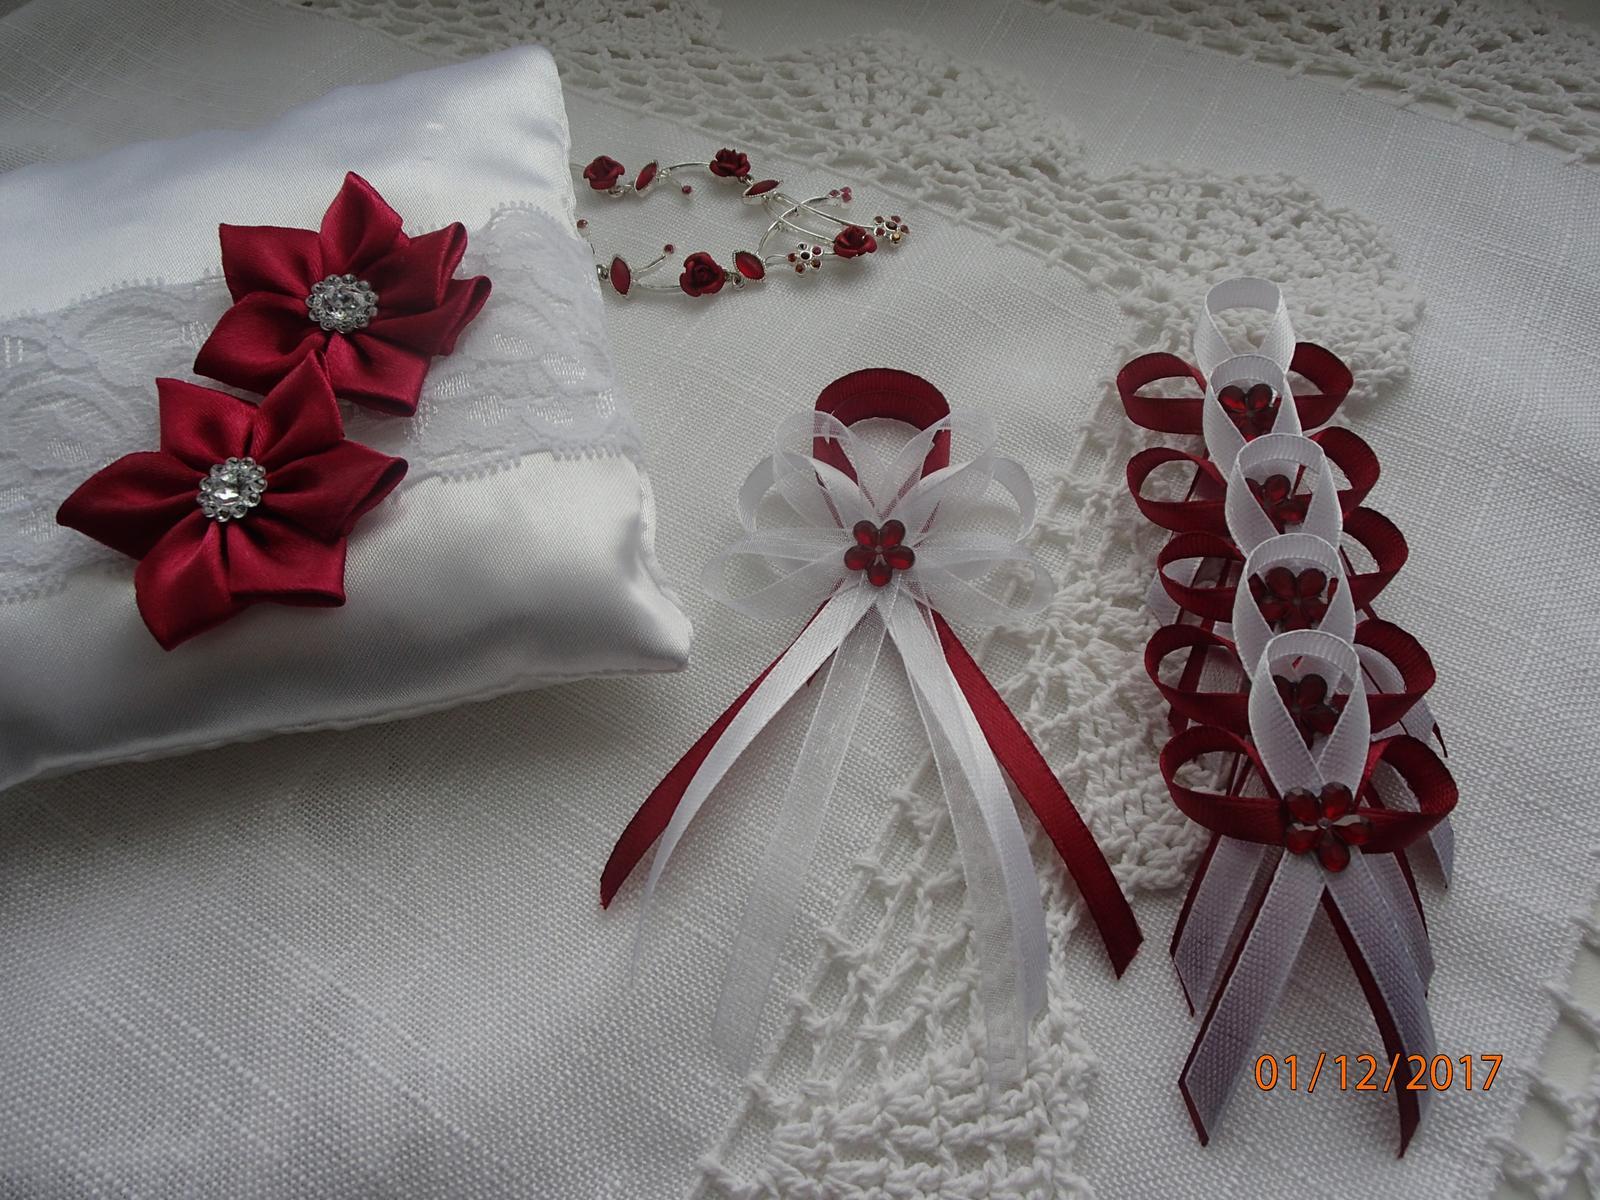 Svatební vývazky, podvazky, polštářky pod prstýnky, náramky.. - Obrázek č. 4